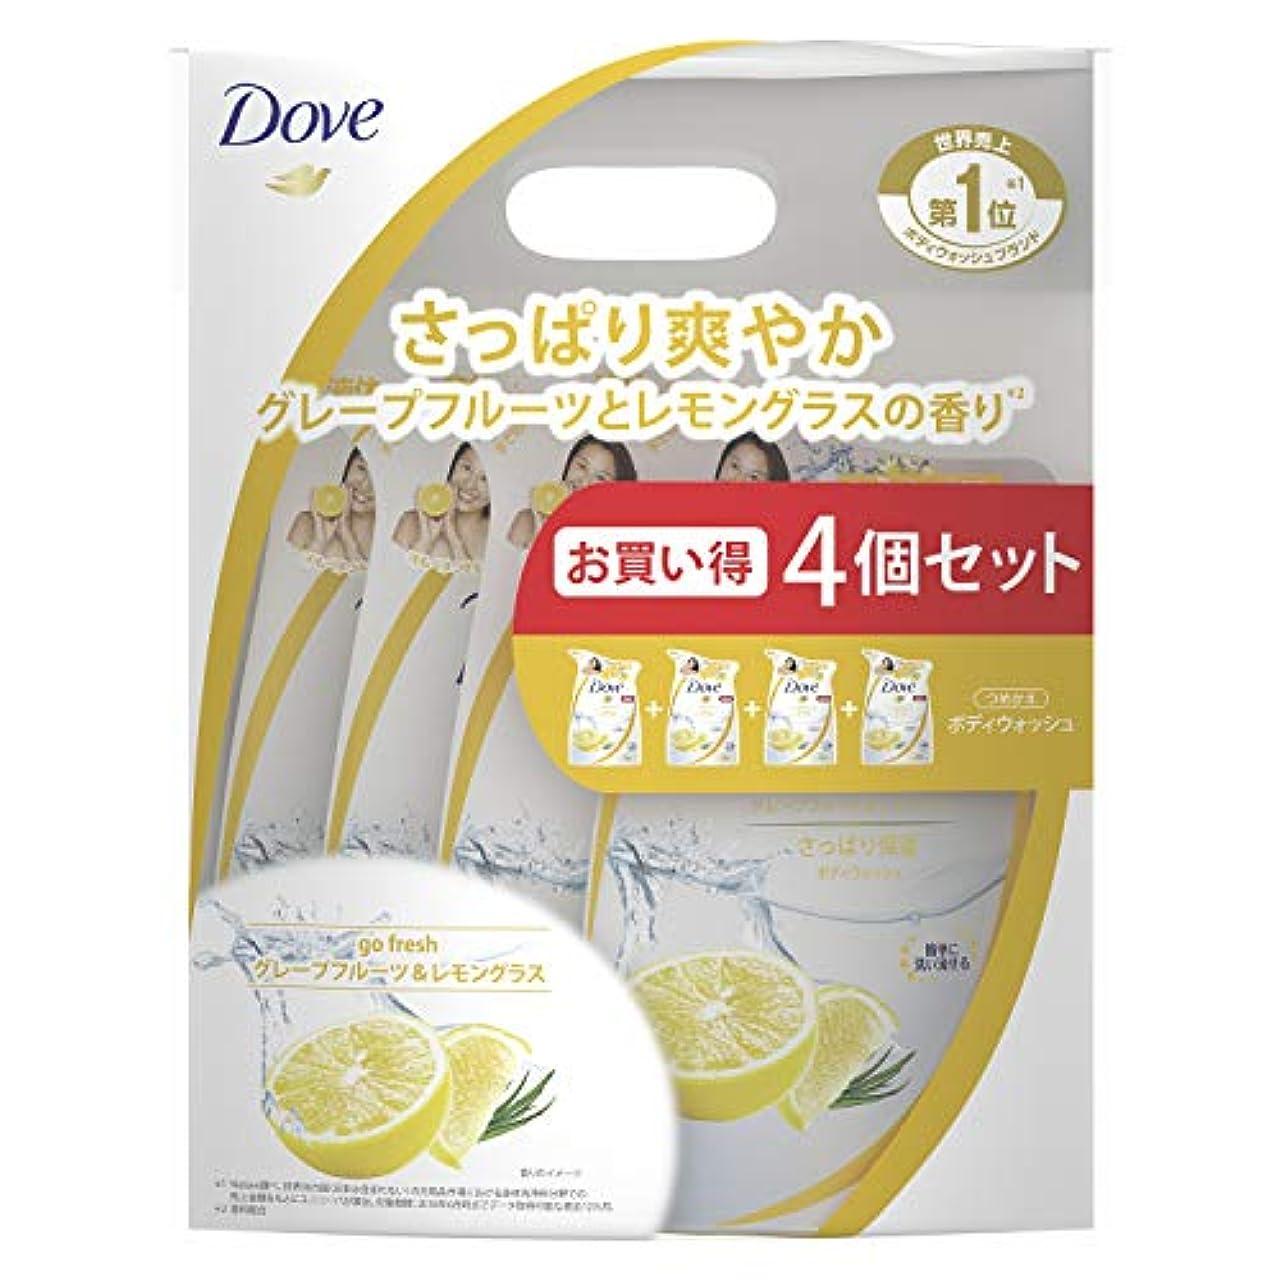 例訪問啓示Dove(ダヴ) ダヴ ボディウォッシュ グレープフルーツ&レモングラス つめかえ用 4個セット ボディソープ 詰替え 360g×4個